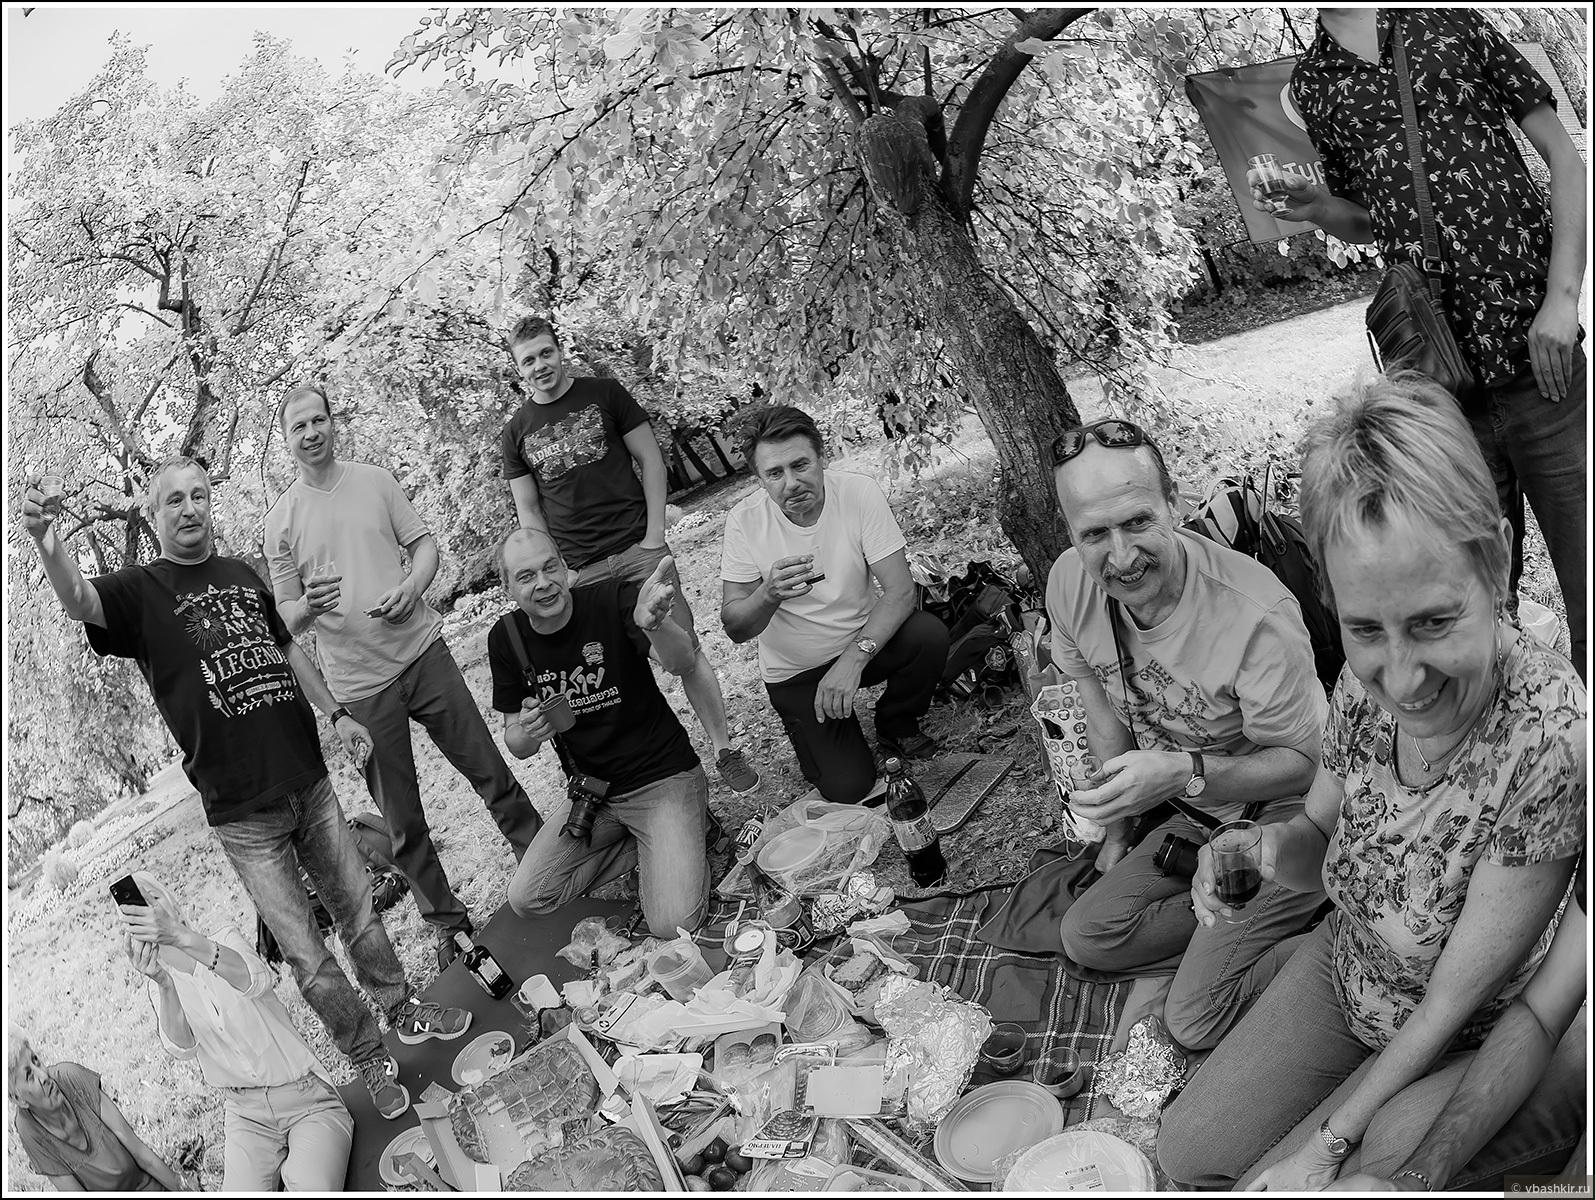 """Фото из альбома """"Туристер-Коломенское-сентябрь-2018"""", Москва, Россия"""